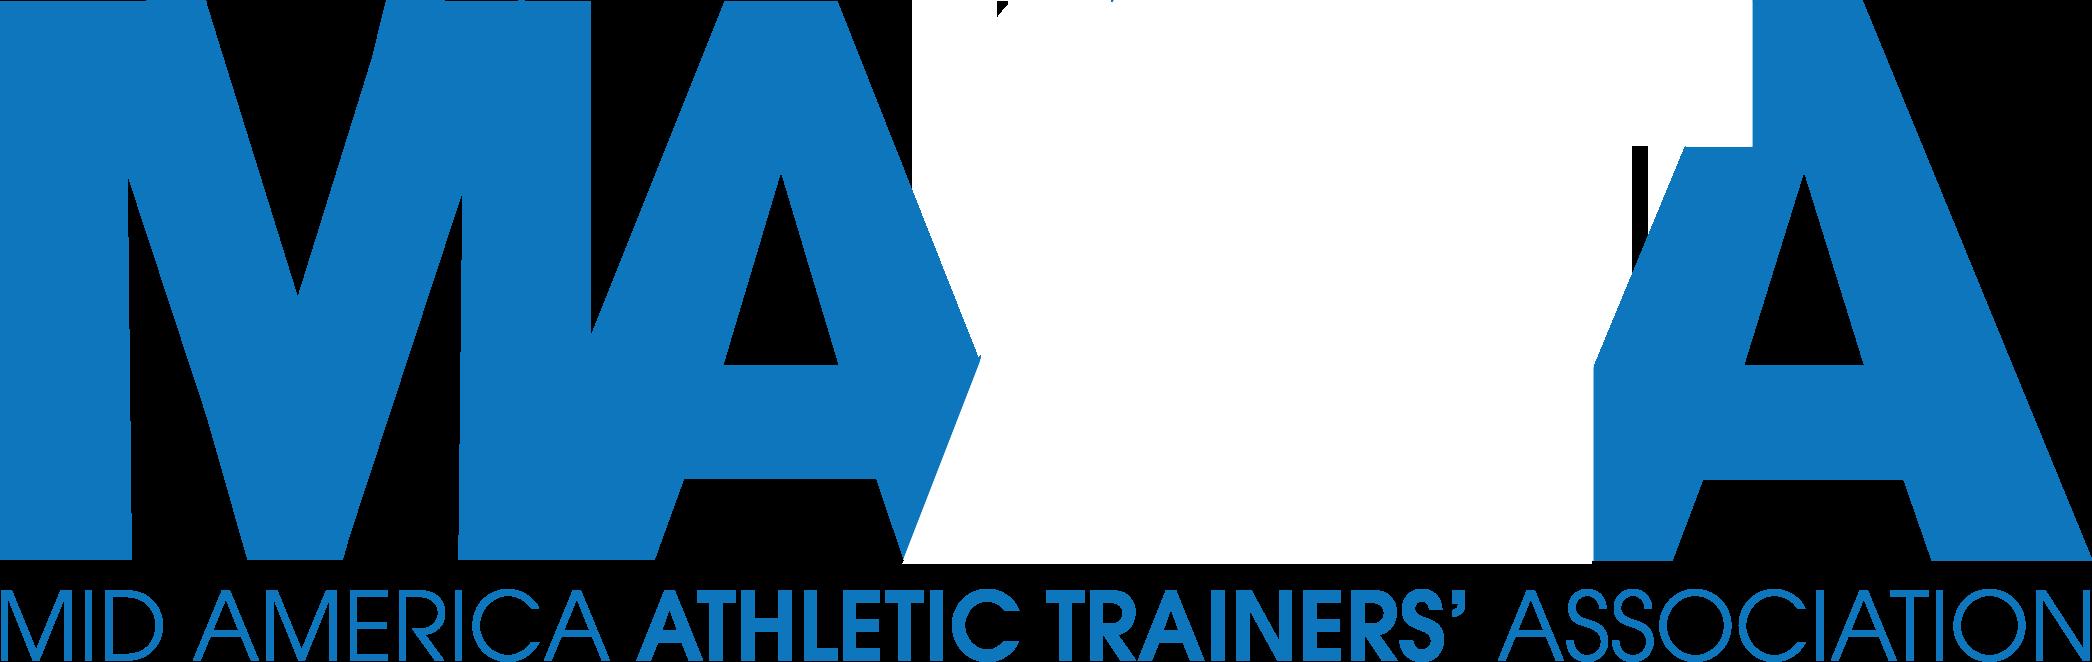 MAATA Brand Standards – MAATA – Mid-America Athletic